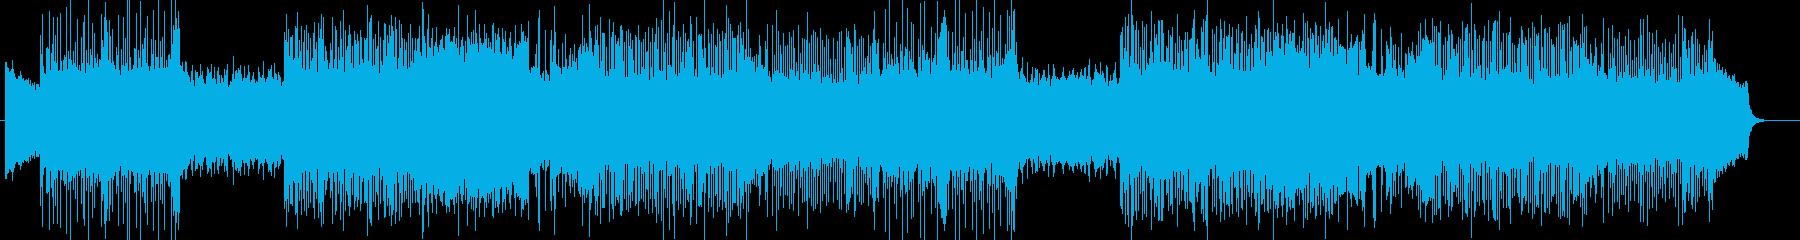 ダーク、ヘヴィメタル系の曲 BGM260の再生済みの波形